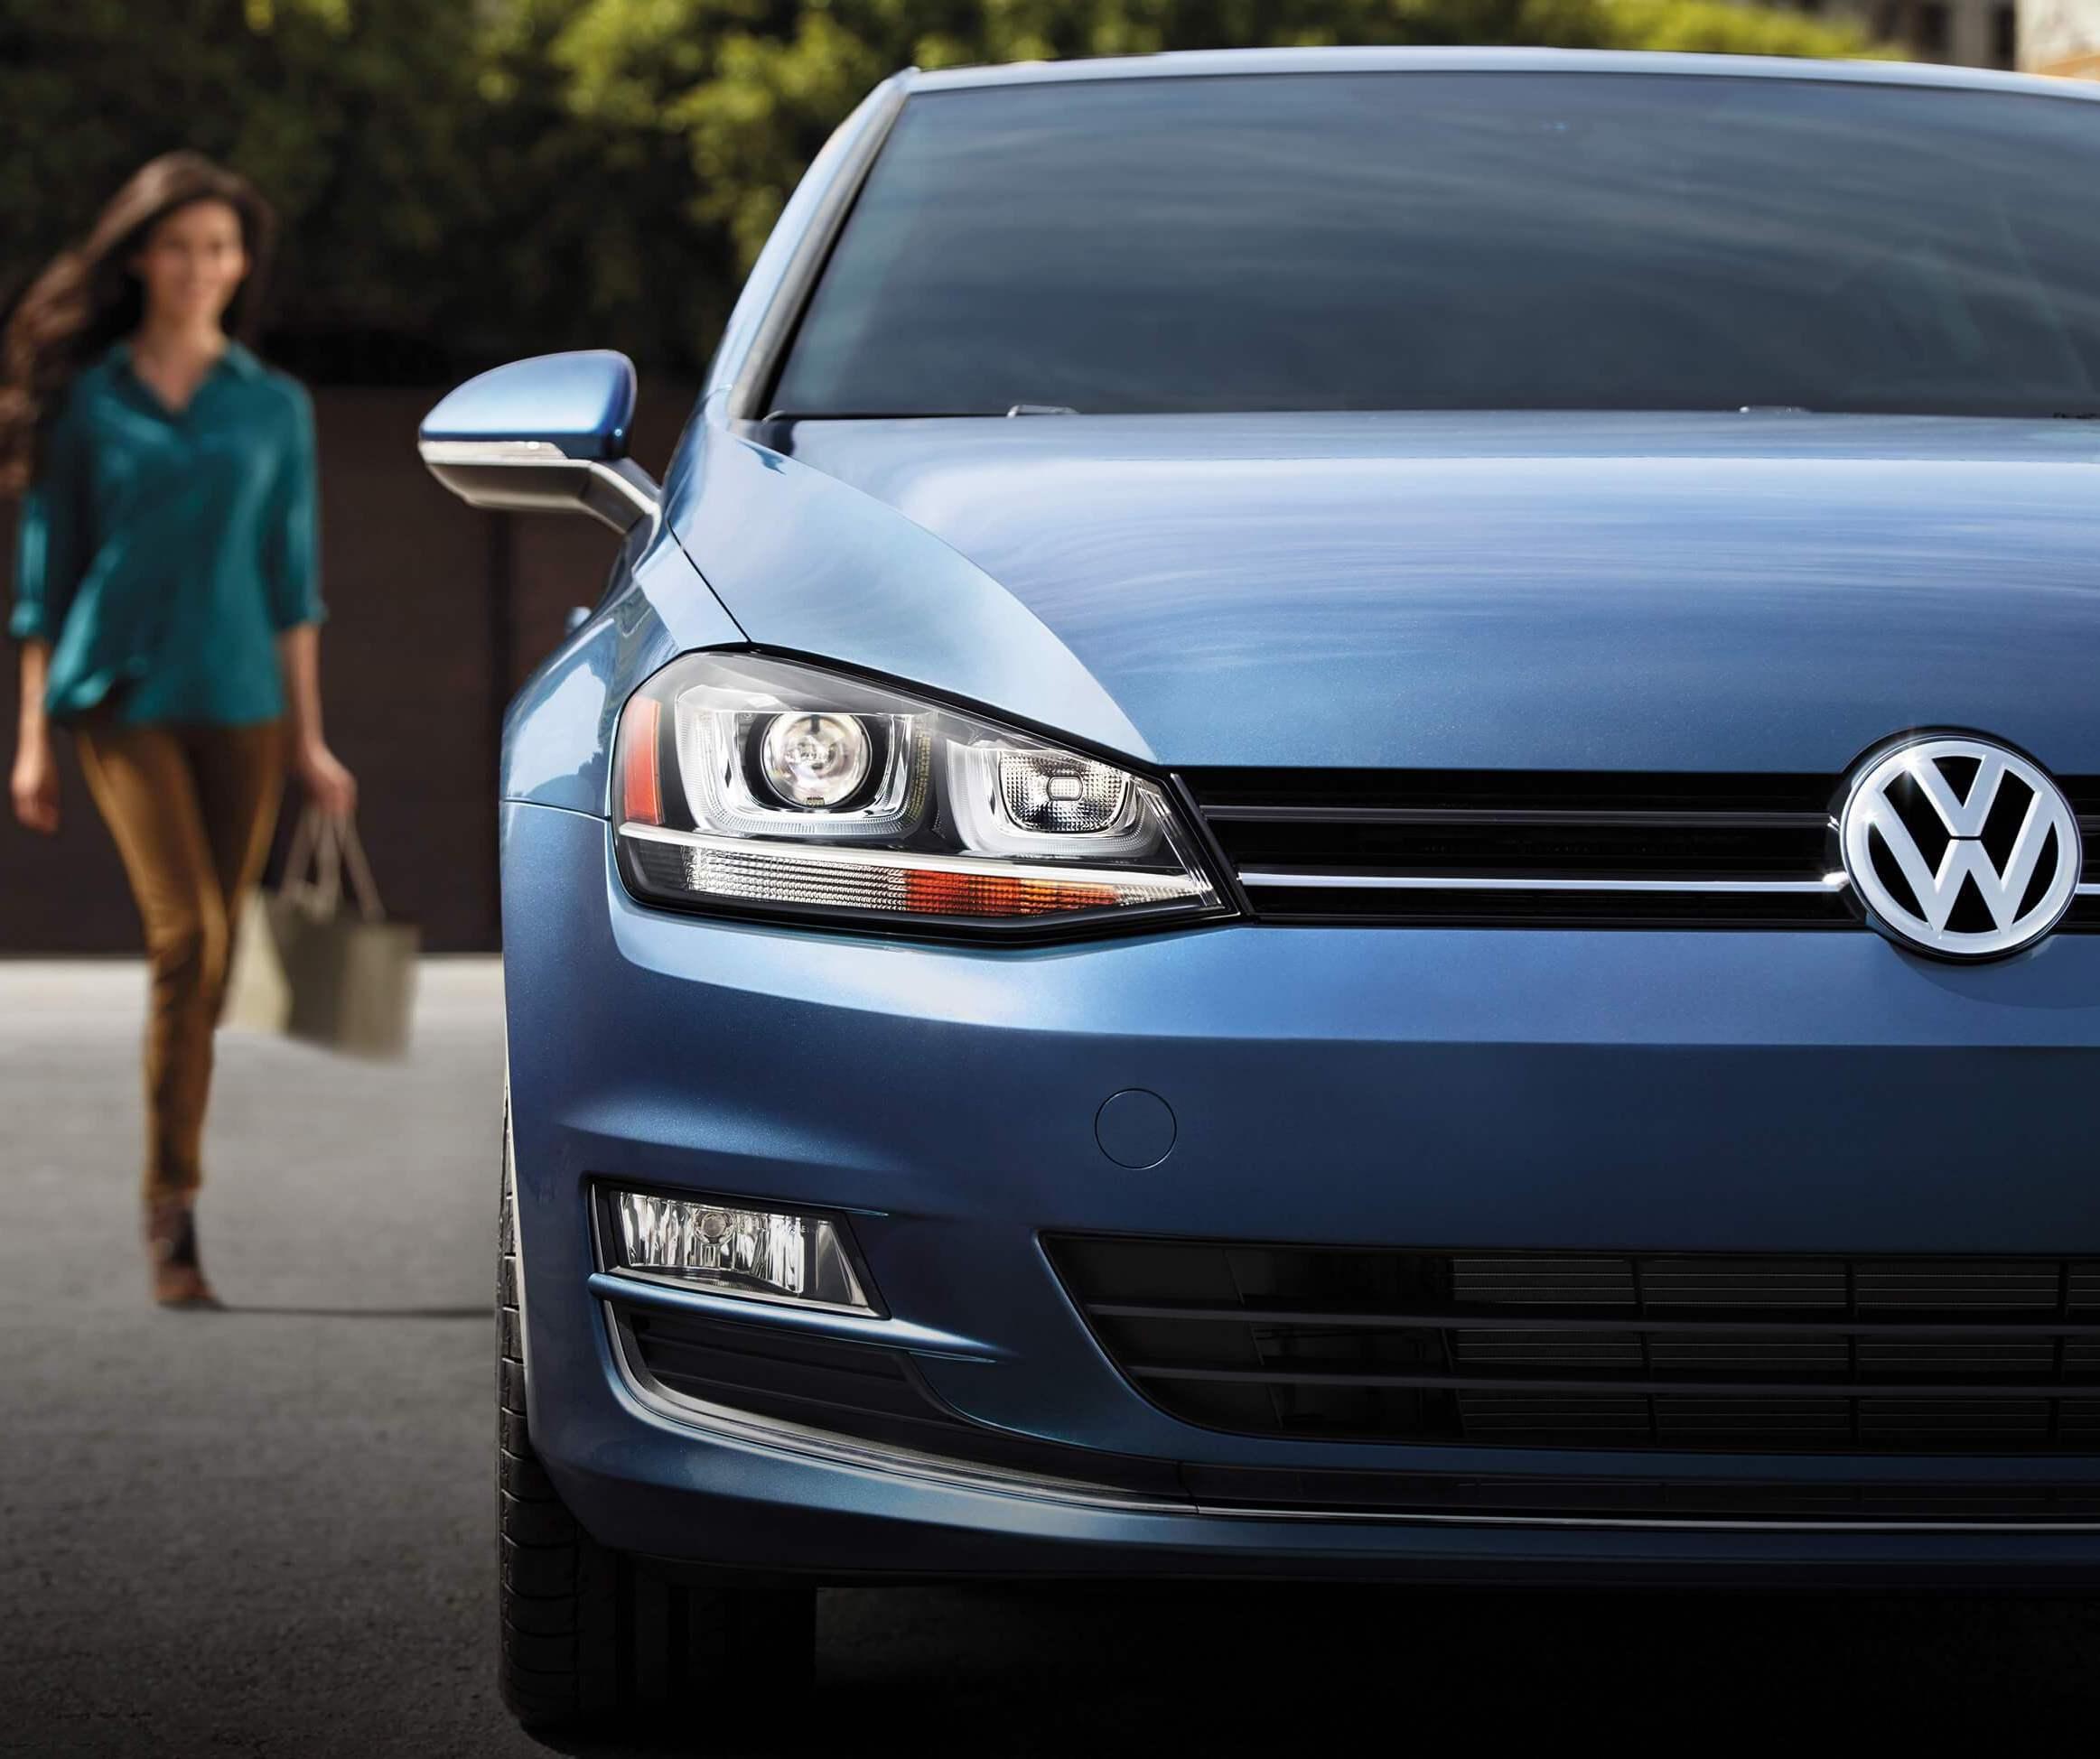 Volkswagen, автомобиль, авто, автомобили, Volkswagen могут разделить на четыре компании